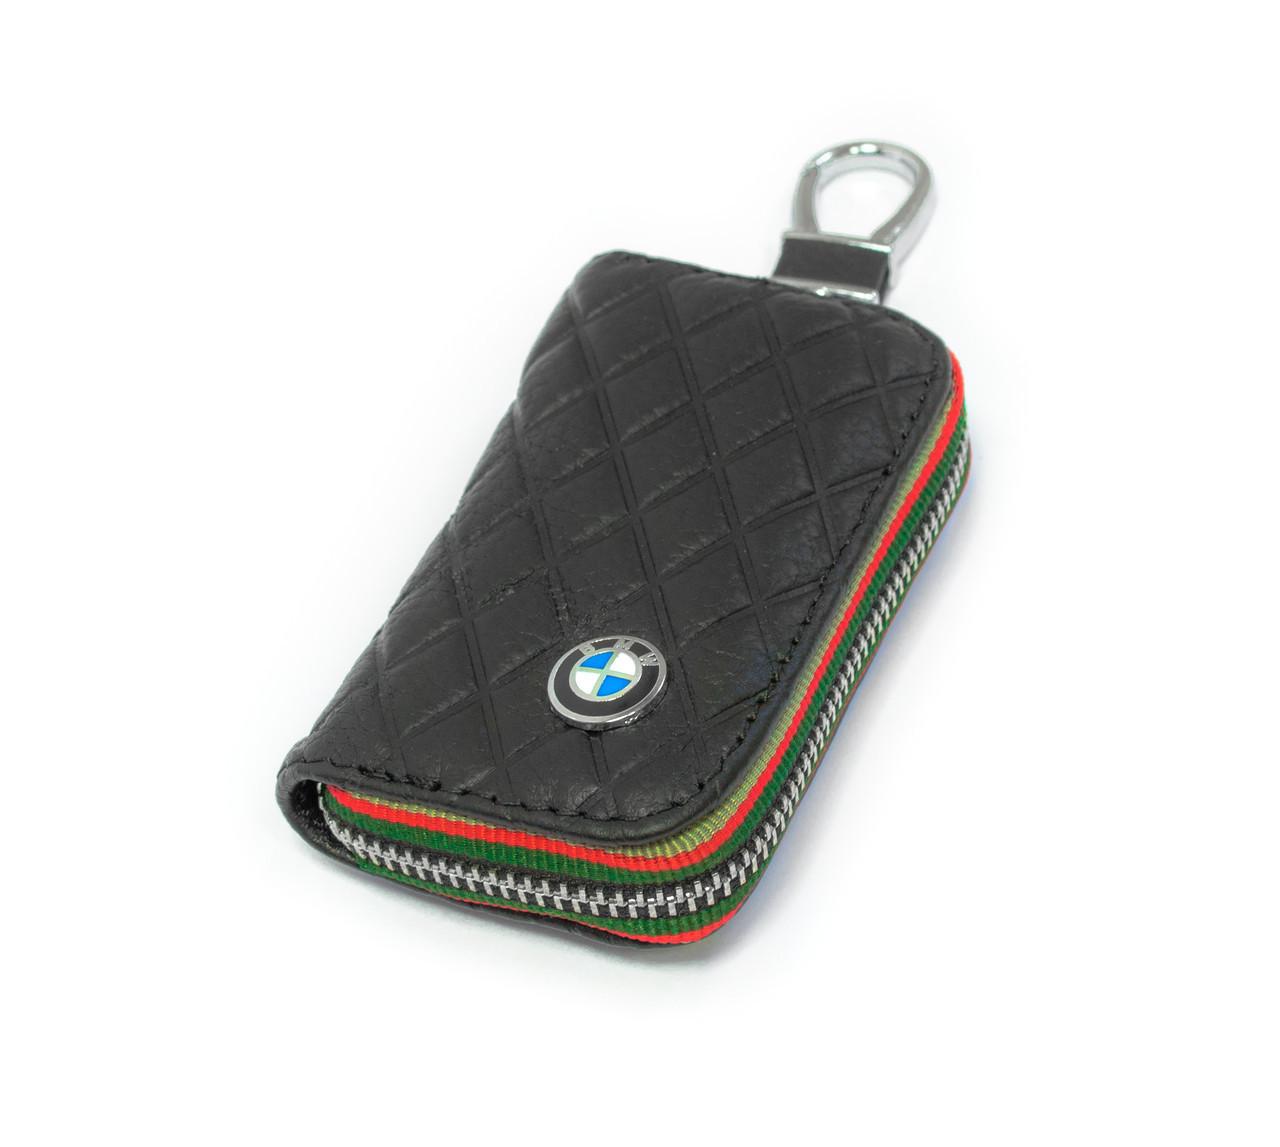 Ключница Carss с логотипом BMW 12009 черная